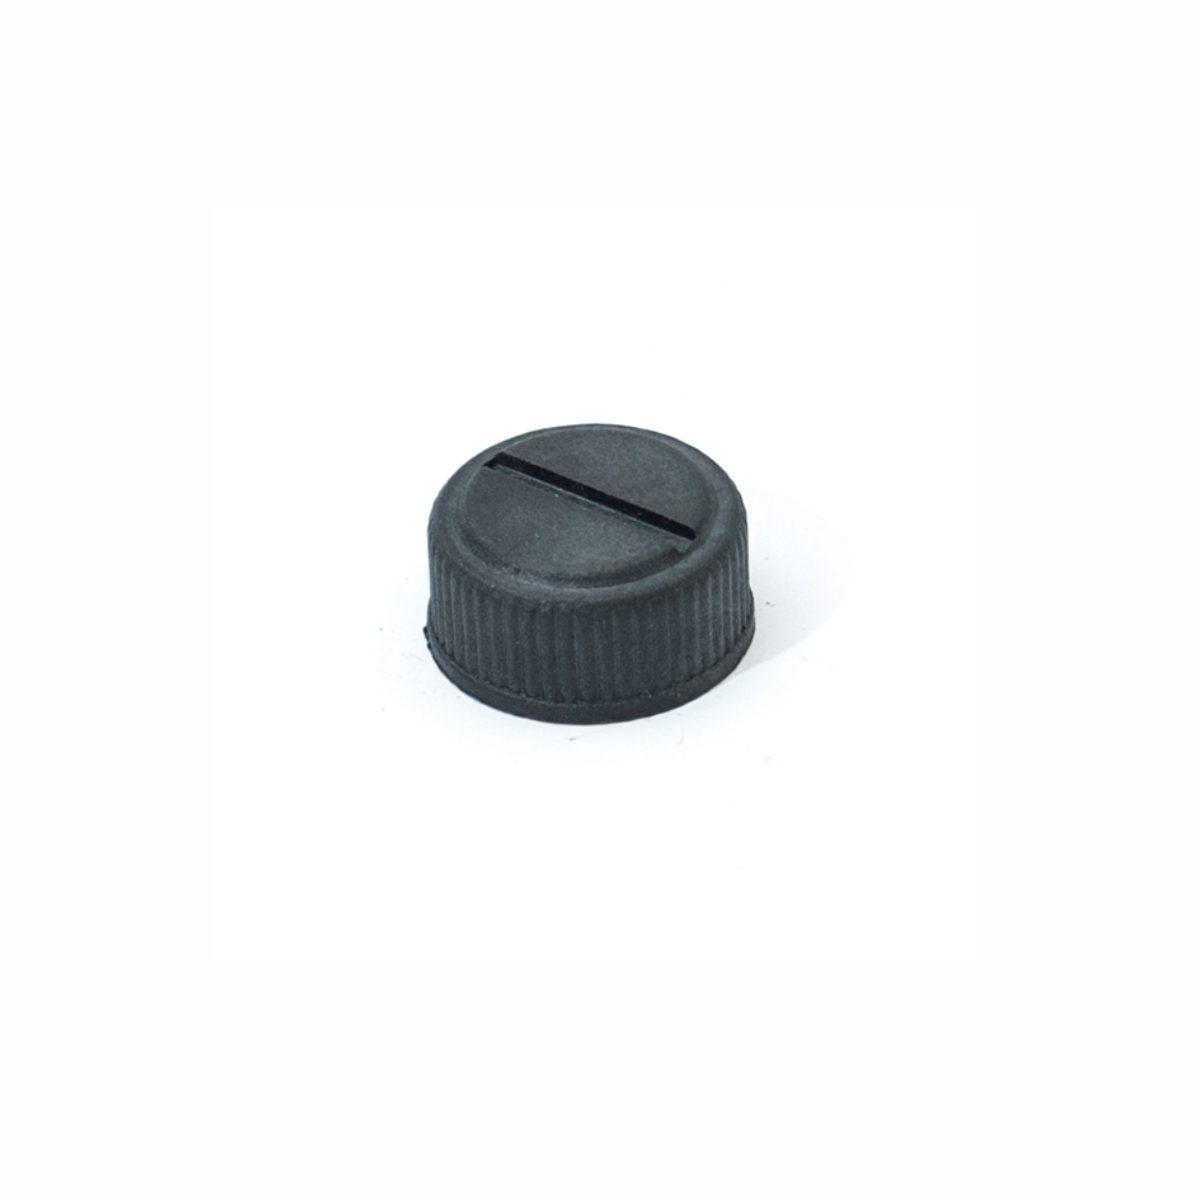 AGROTECHNIC PLASTIC CAP